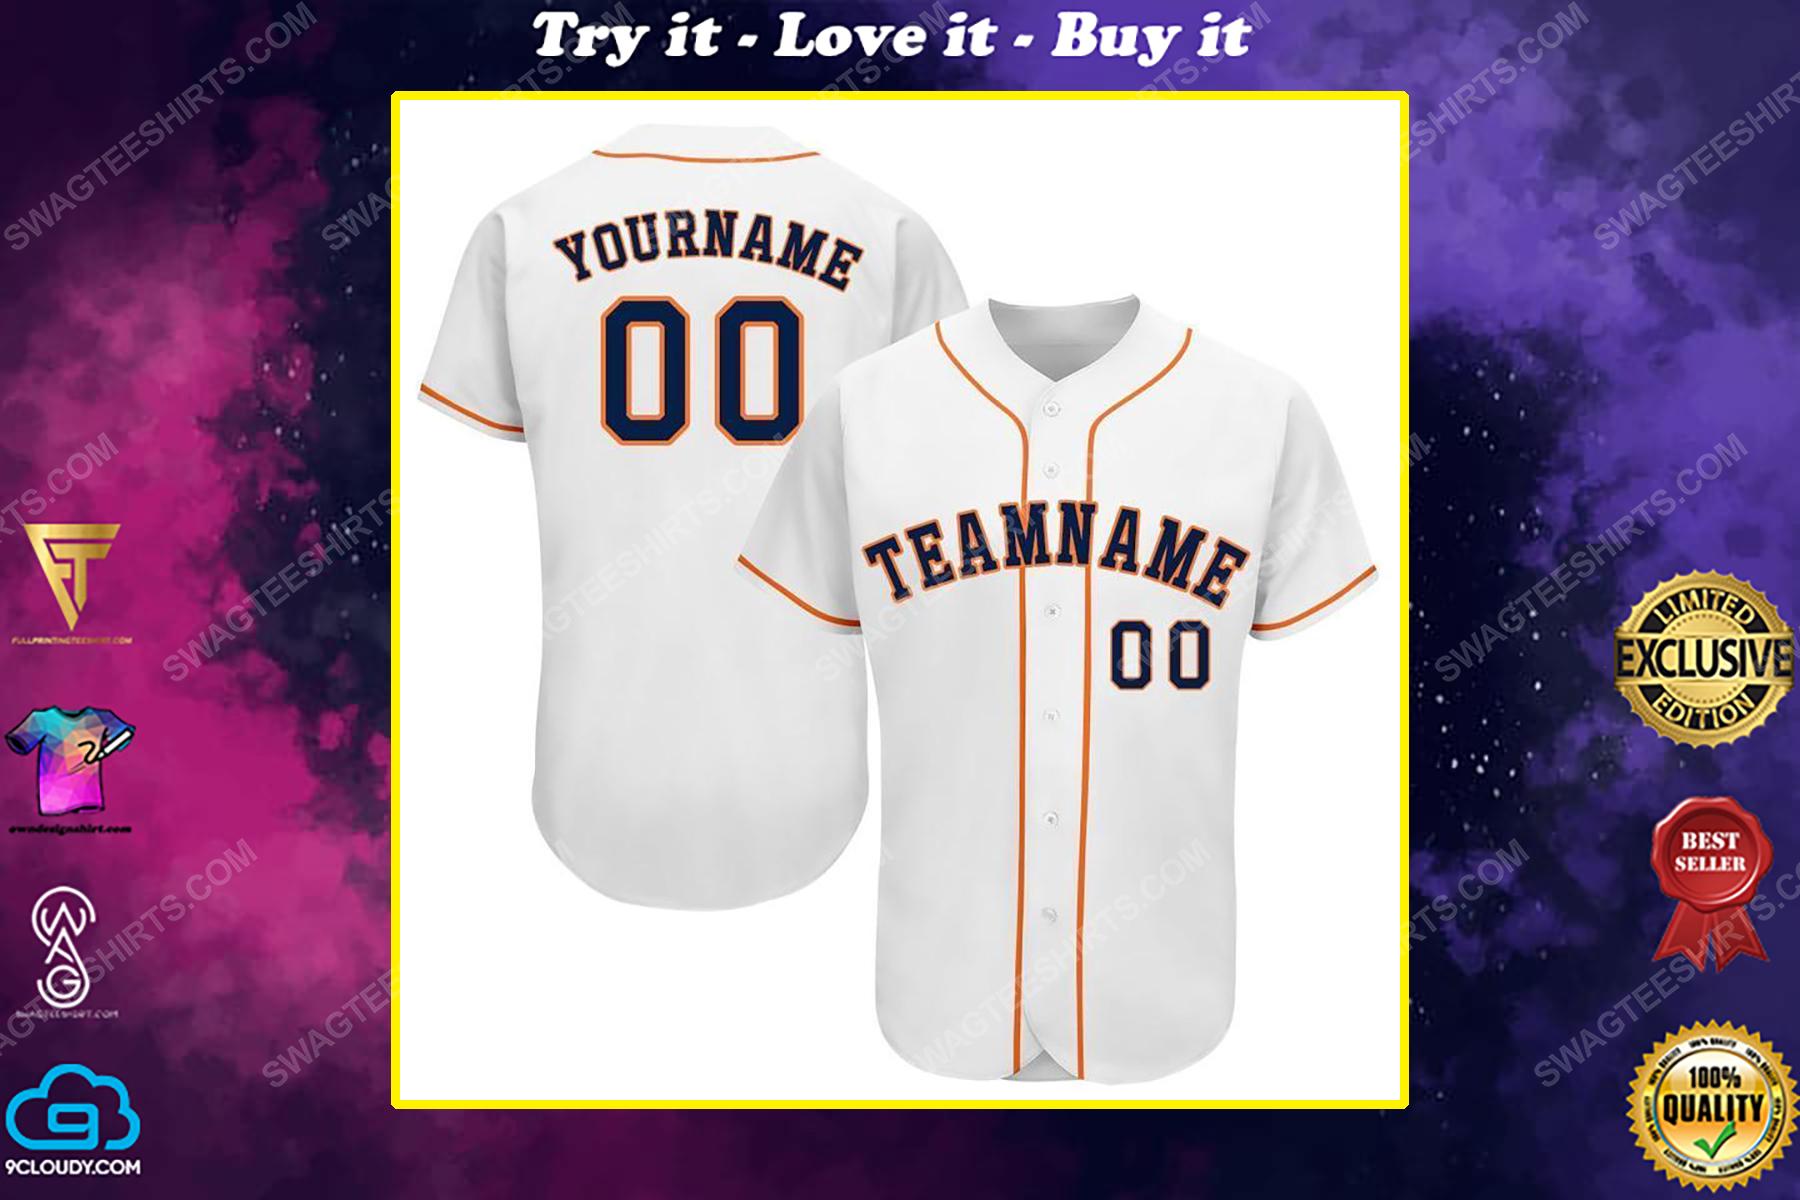 Custom team name mlb houston astros full printed baseball jersey